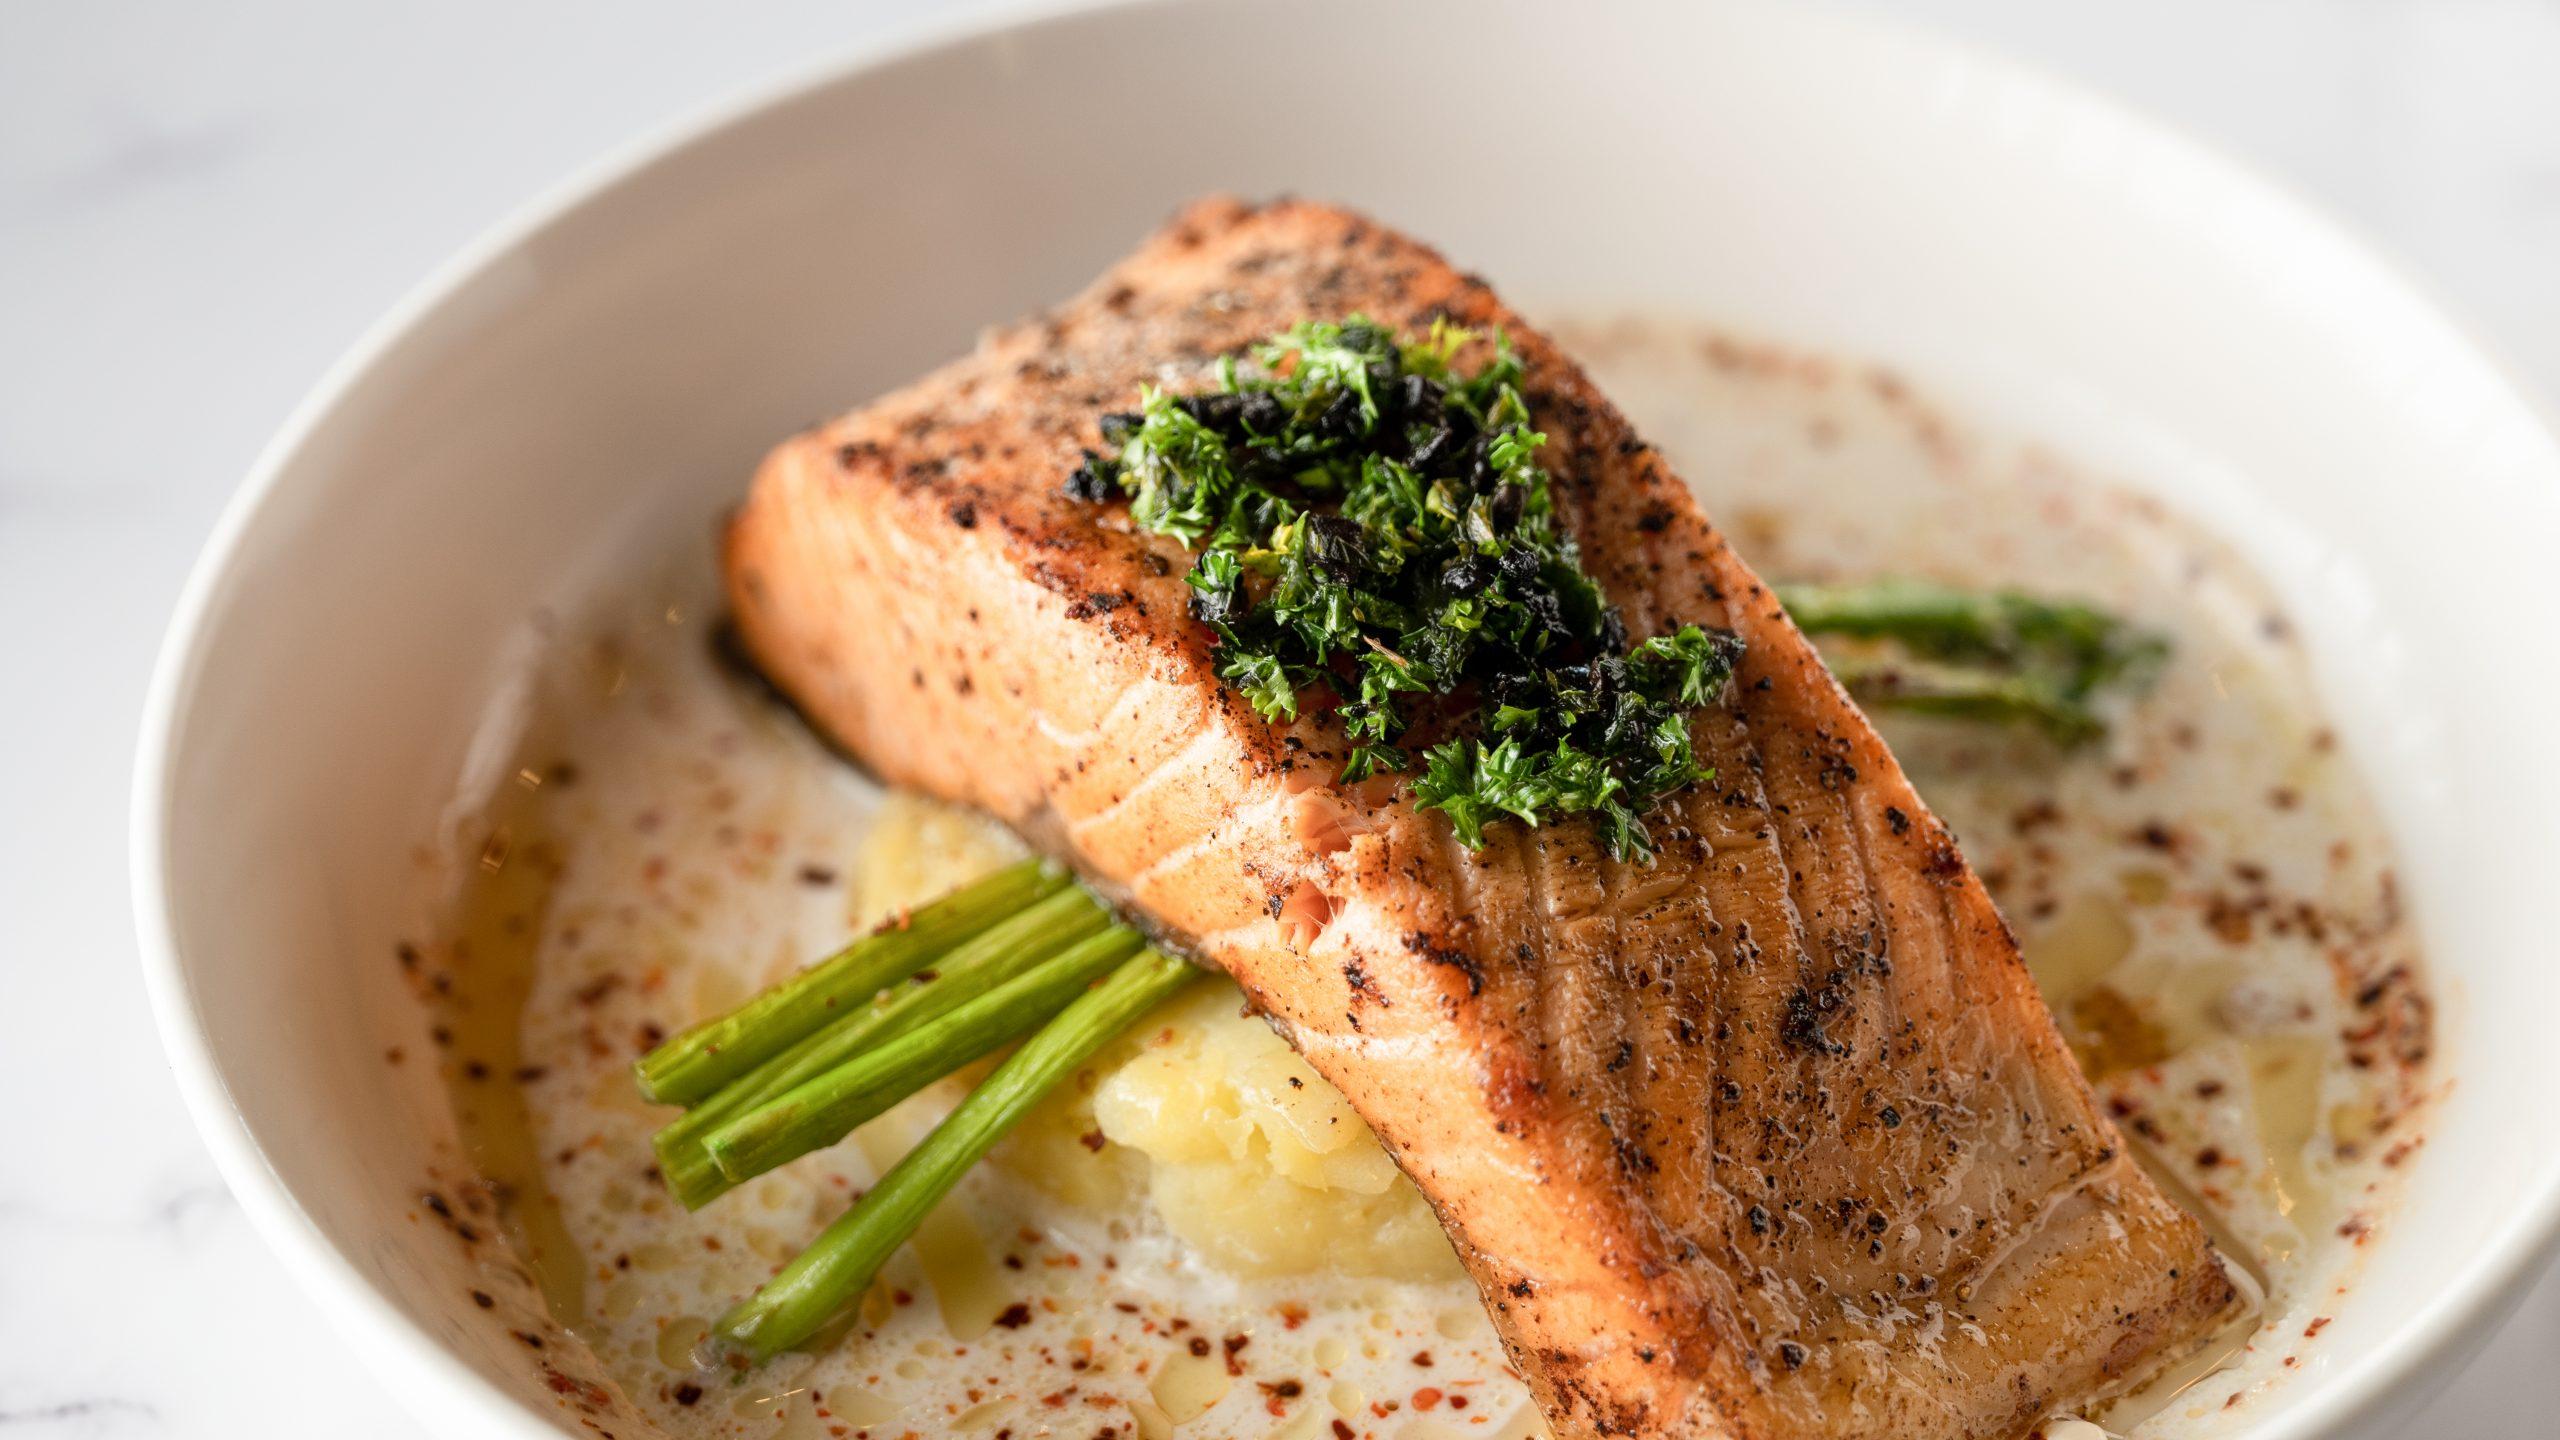 Un filet de saumon dans un bol avec des haricots verts et de la pomme de terre écrasée.